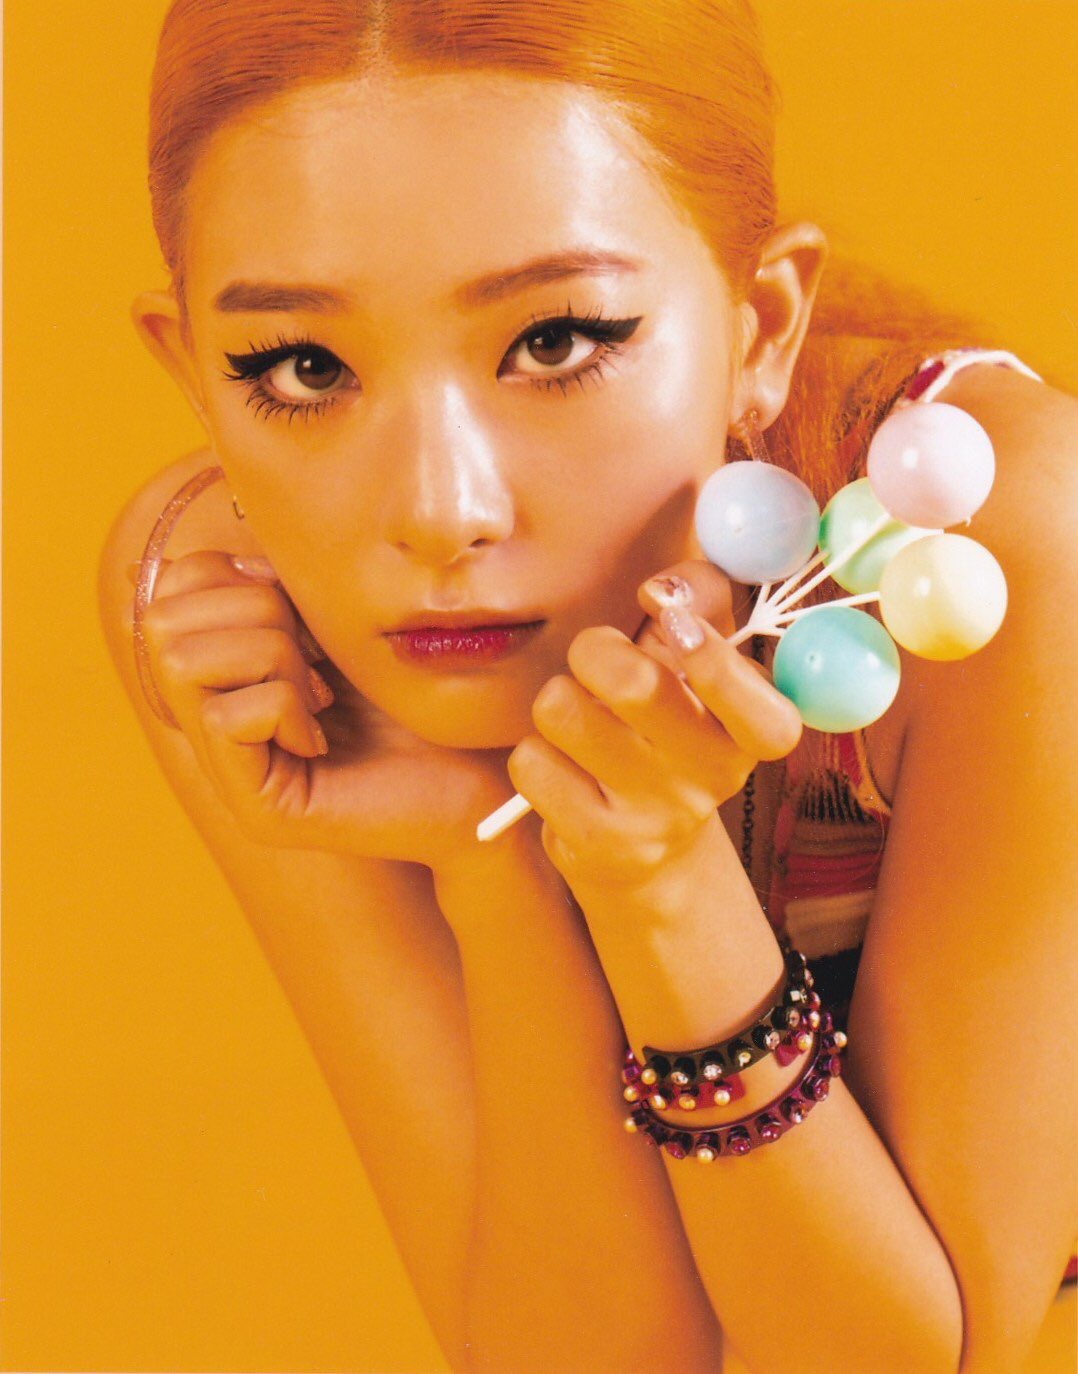 Seul Gi và Mina (Gugudan) là hai idol thử thách với eyeliner đậm, vẽ ở ngay viền ngoài mắt.